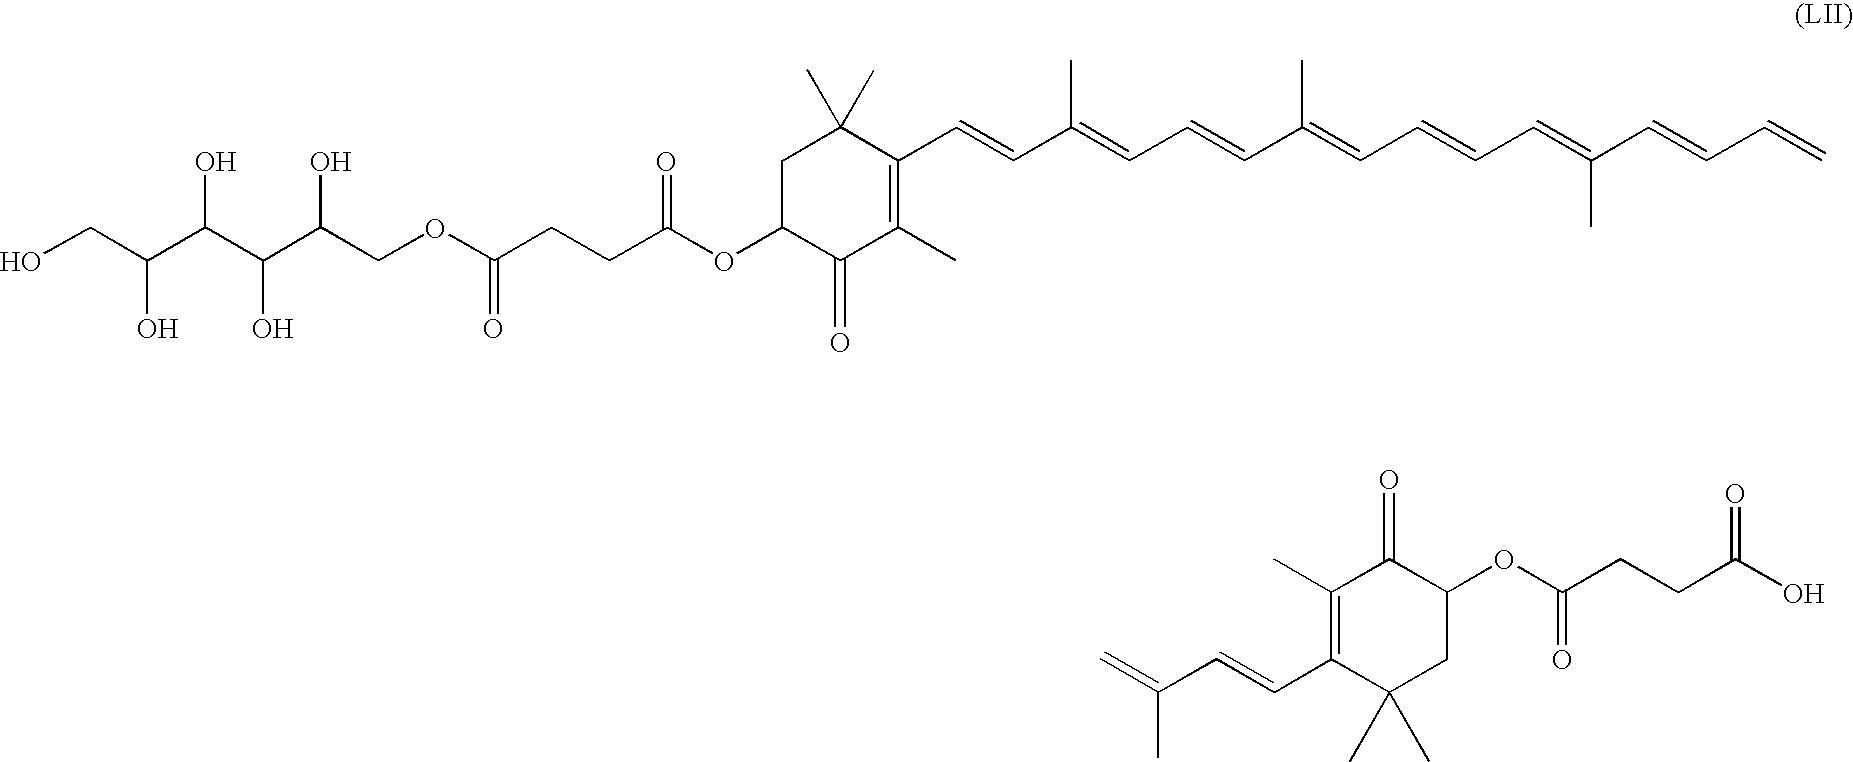 Figure US20050075337A1-20050407-C00073